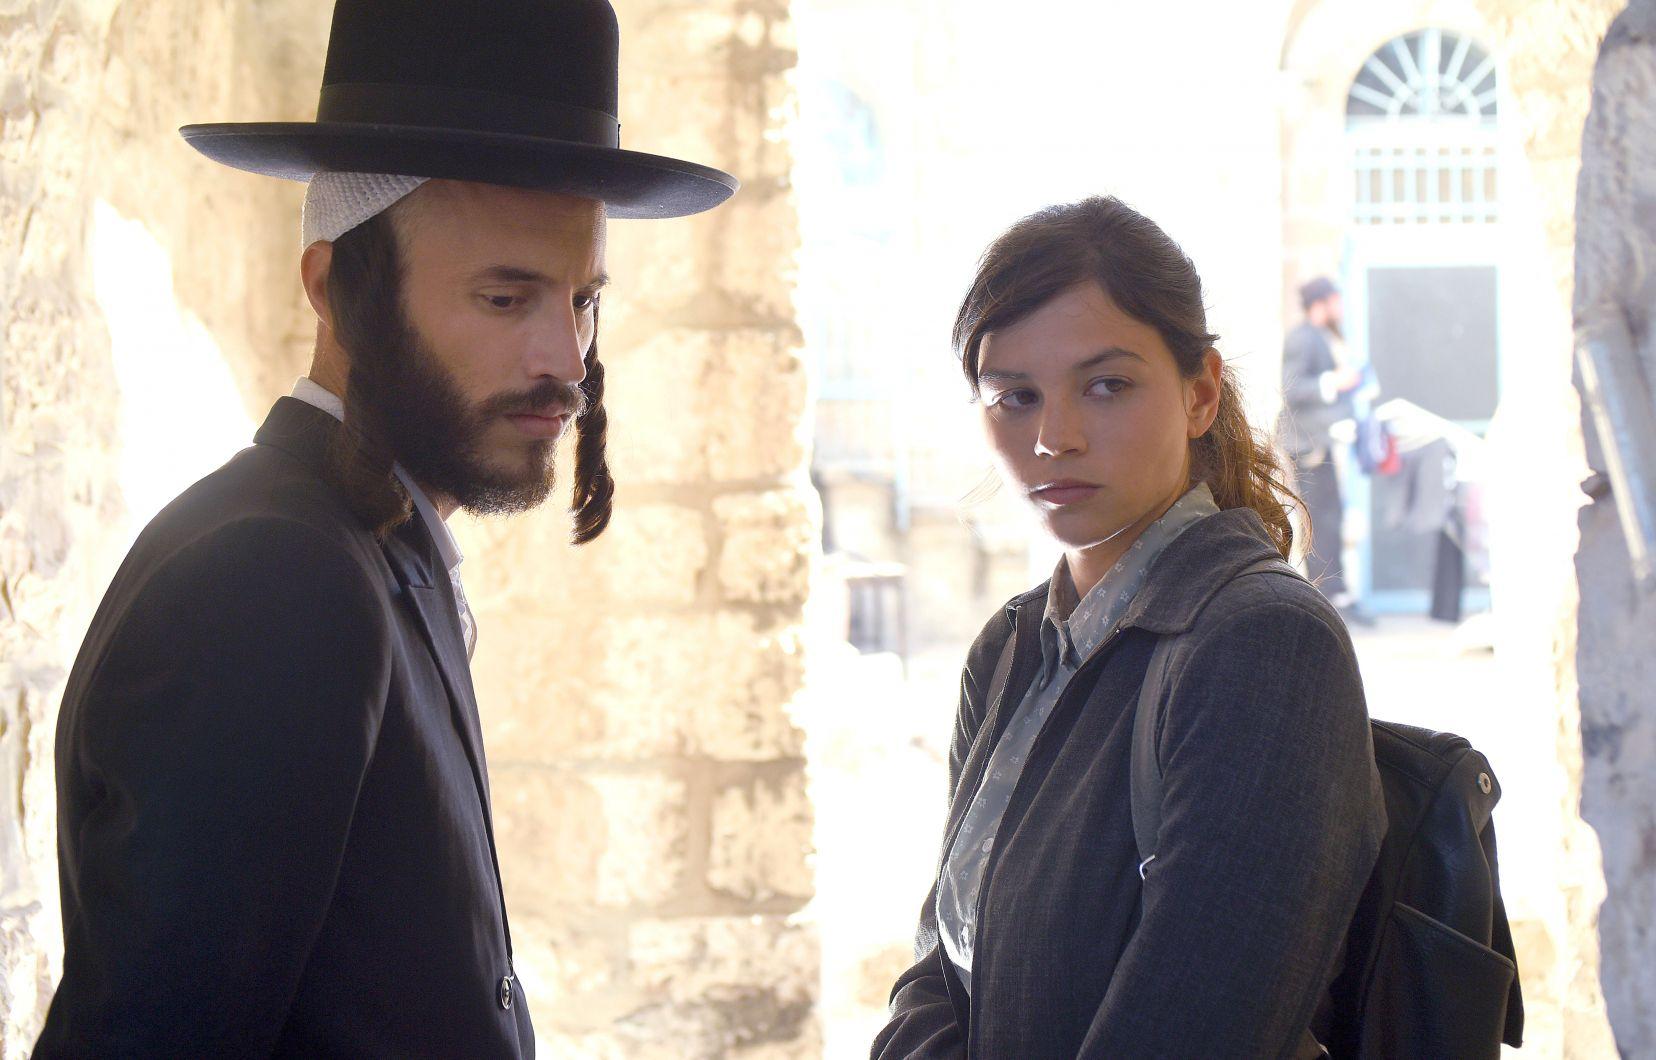 Film juif : L'autre histoire, l'avis des autres